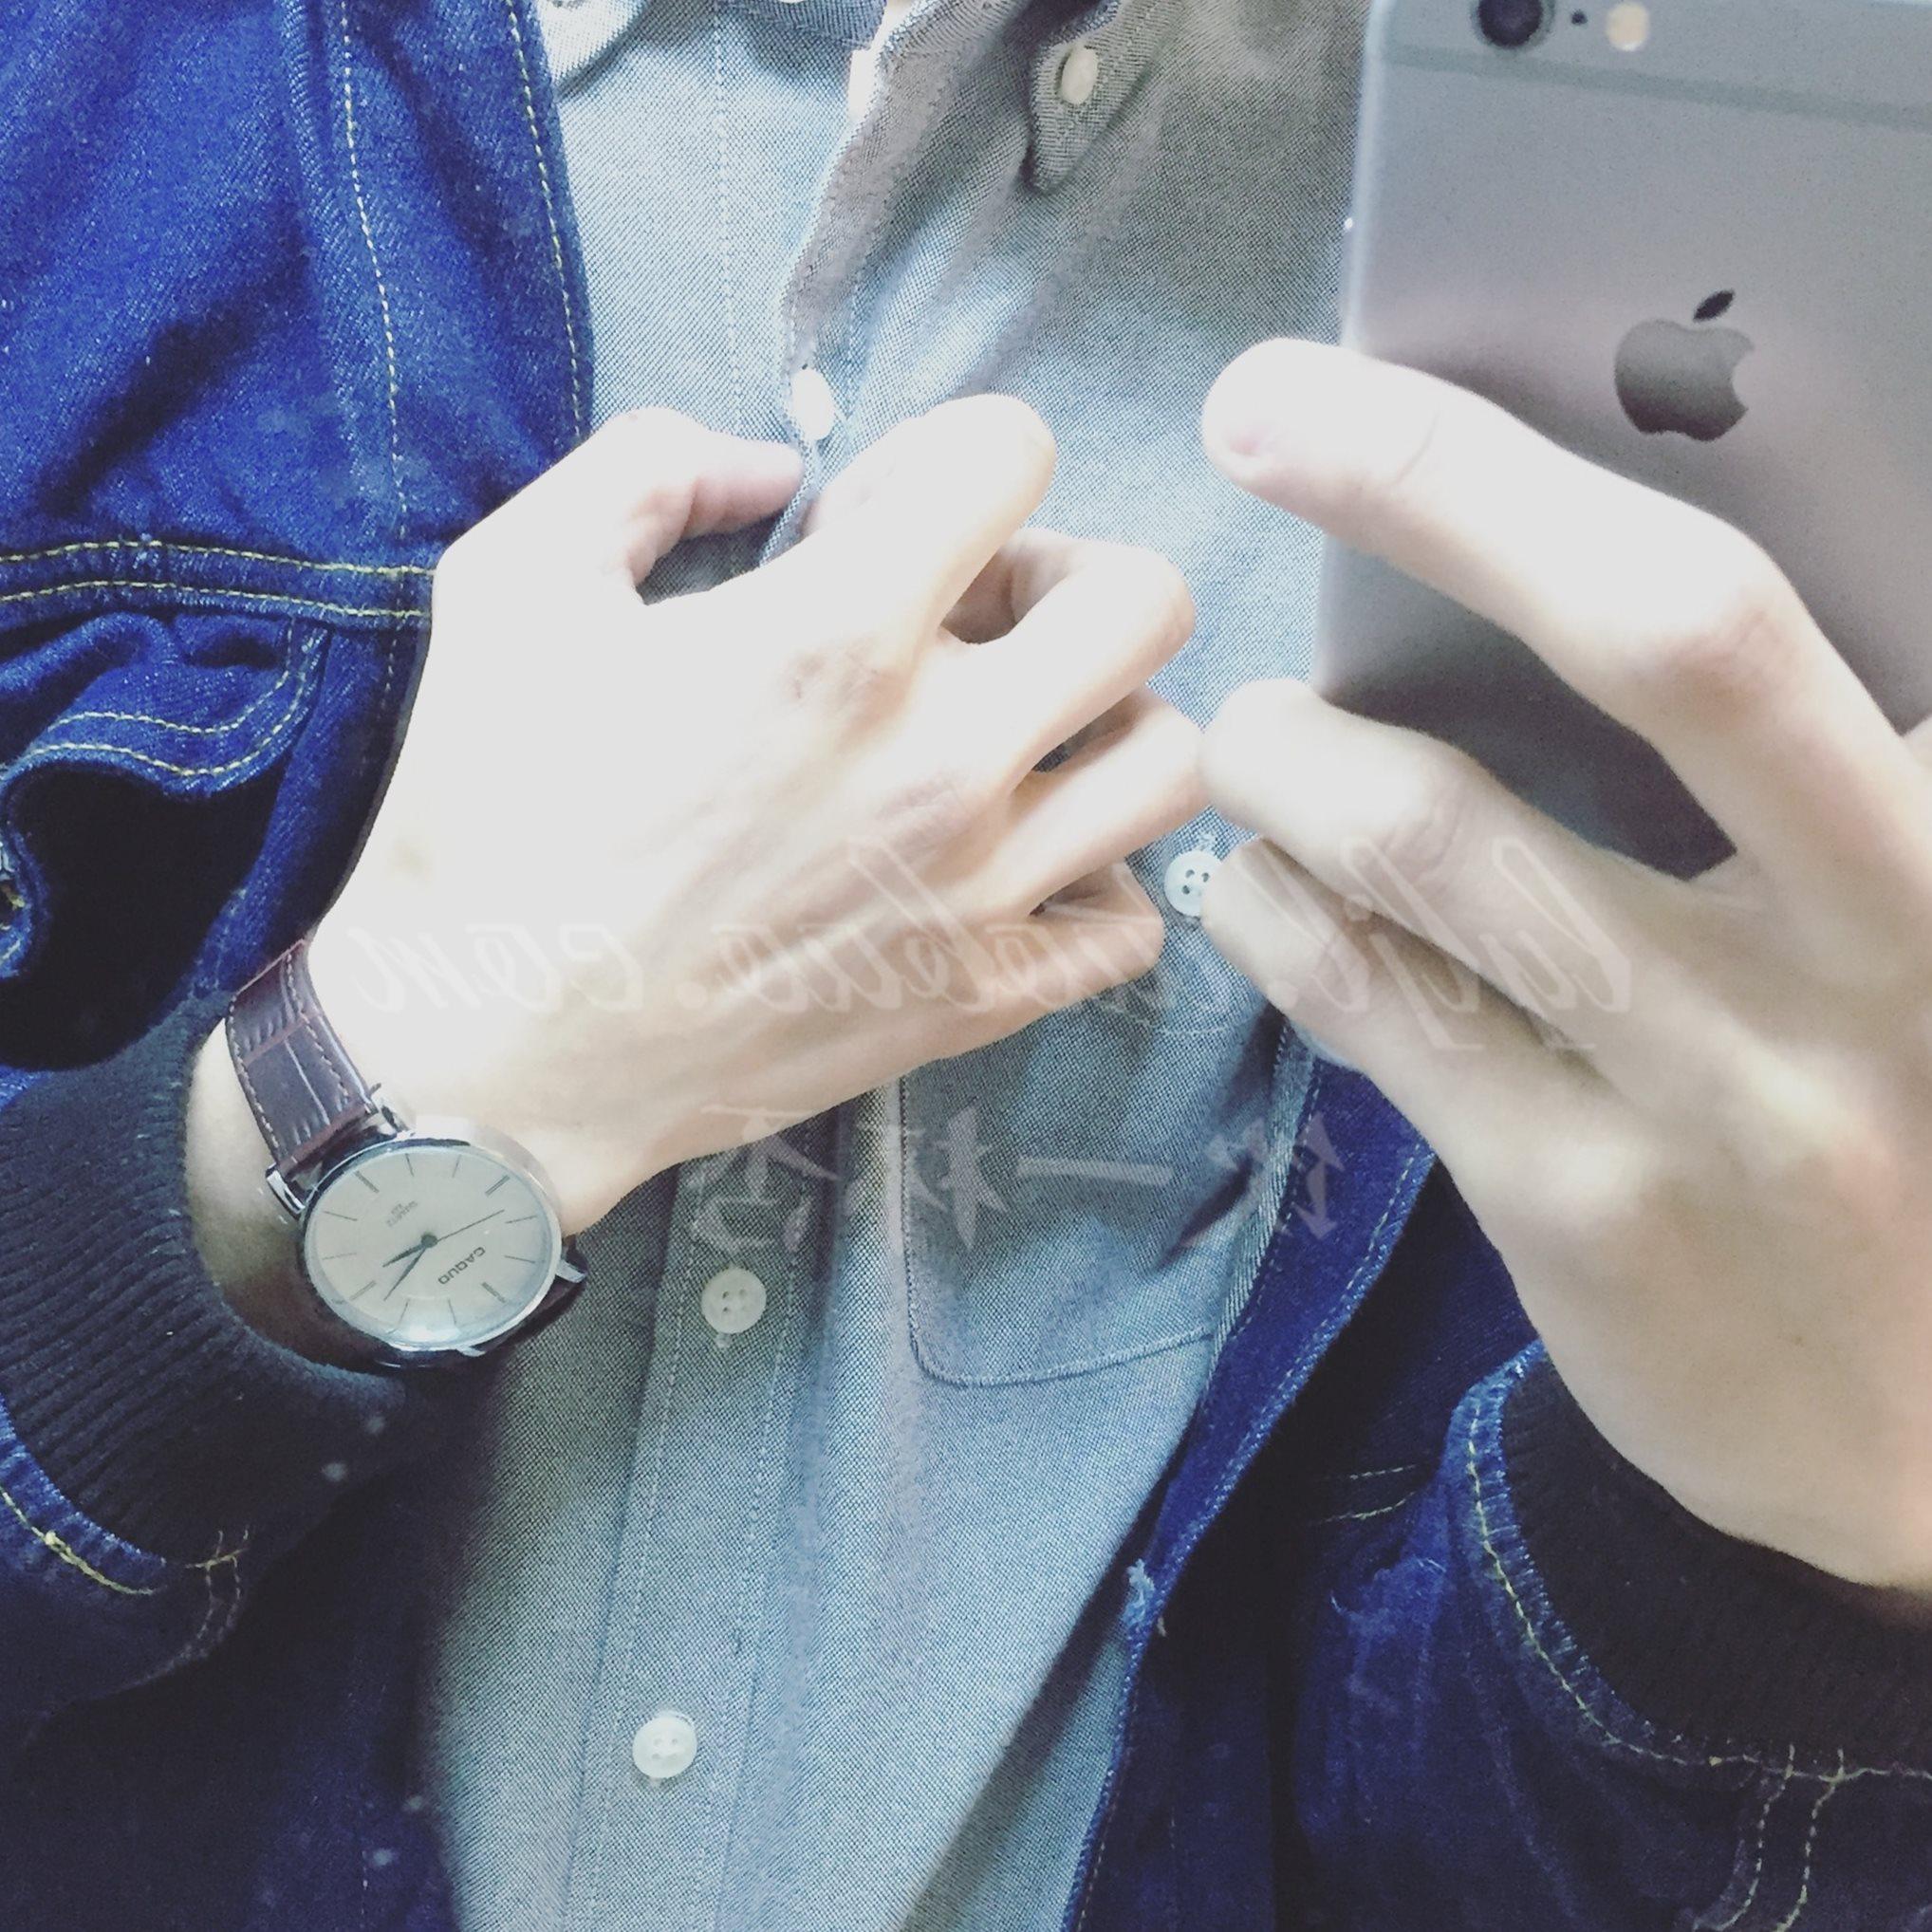 深蓝色的情书。vintage温暖风格指针复古皮带手表 男女情侣款学生